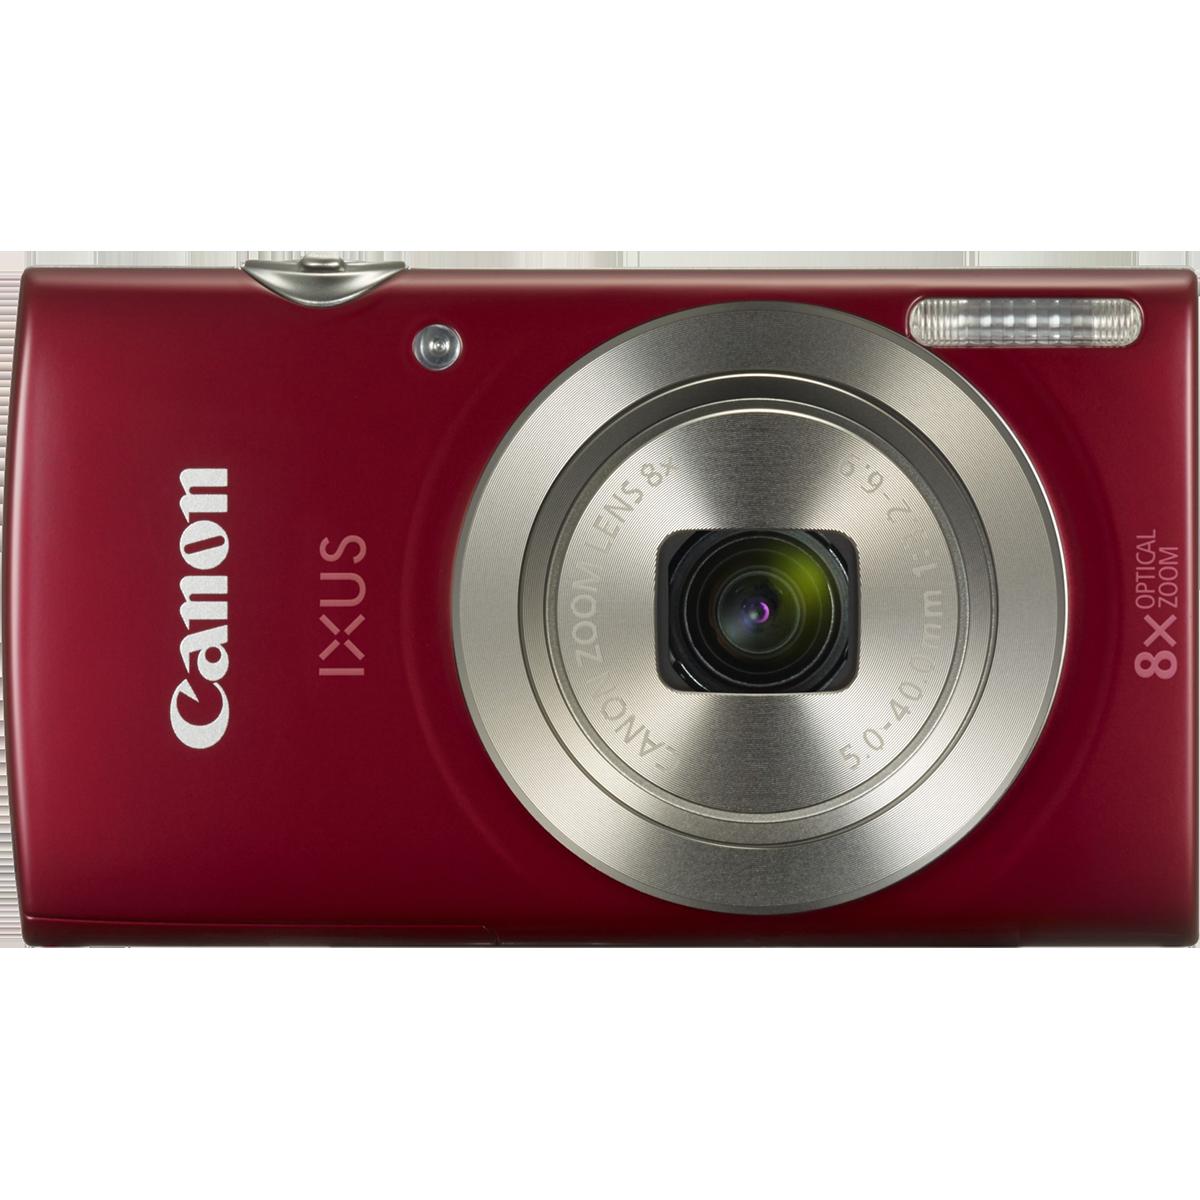 Canon 20 MP Point & Shoot Camera (IXUS 185, Red)_1